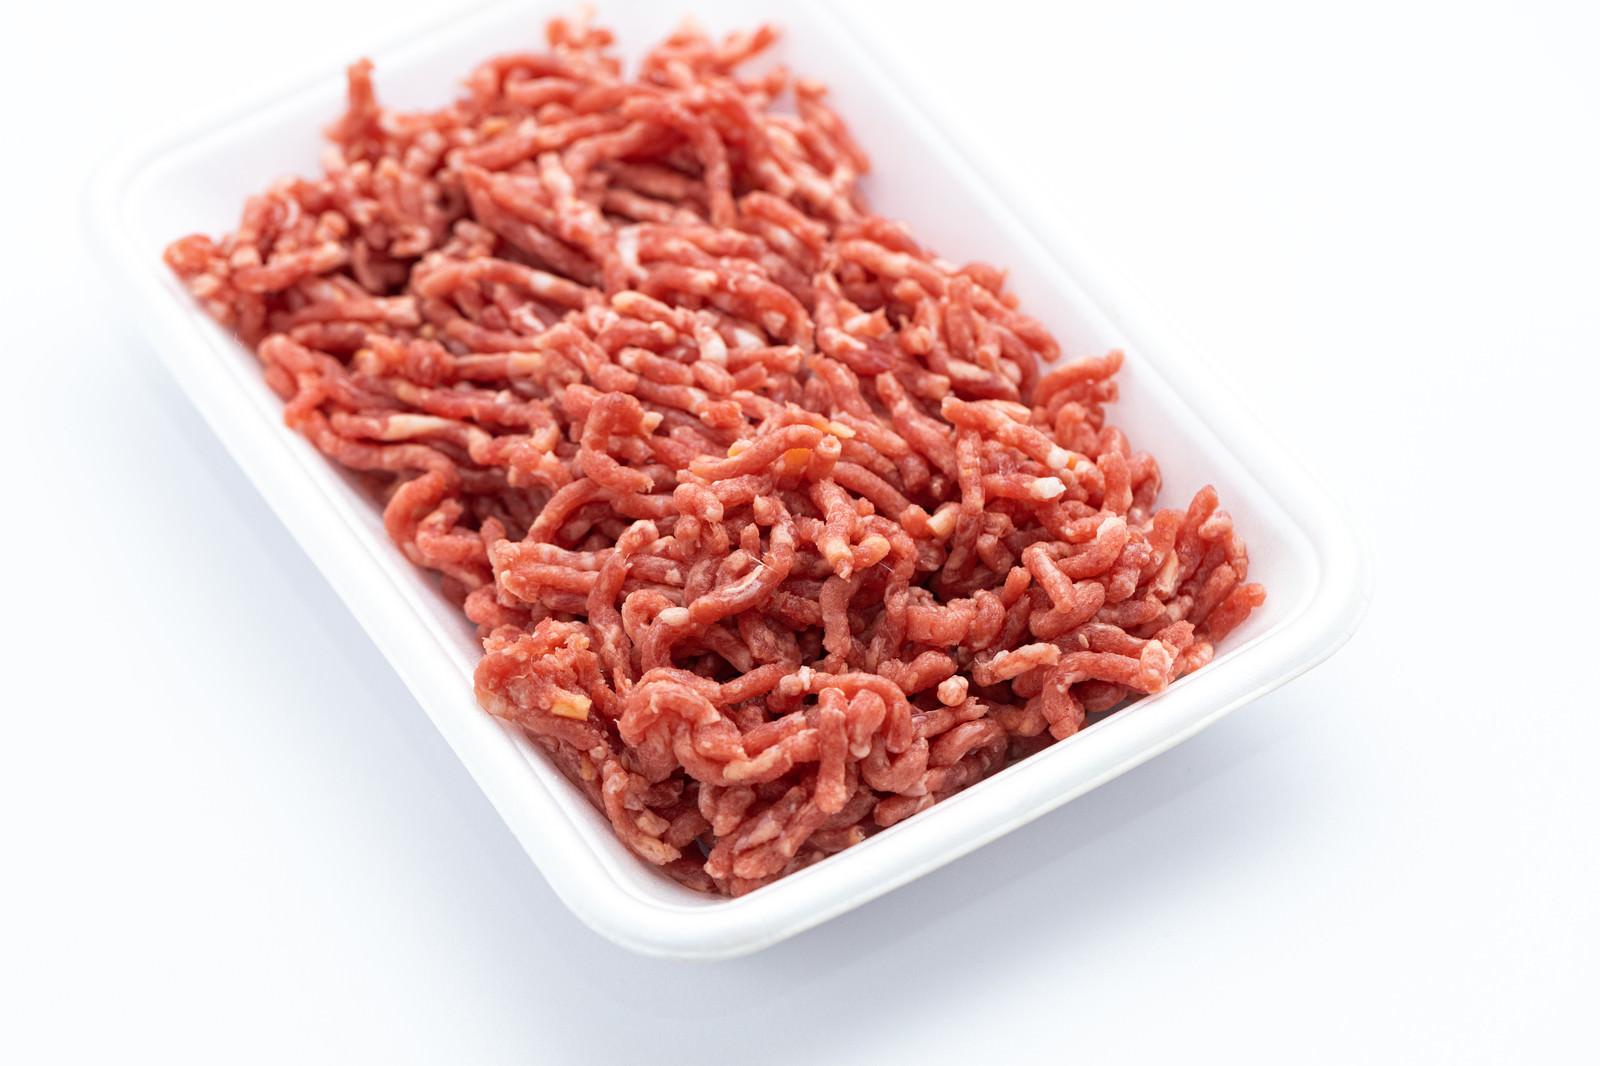 「解凍したミンチ肉」の写真